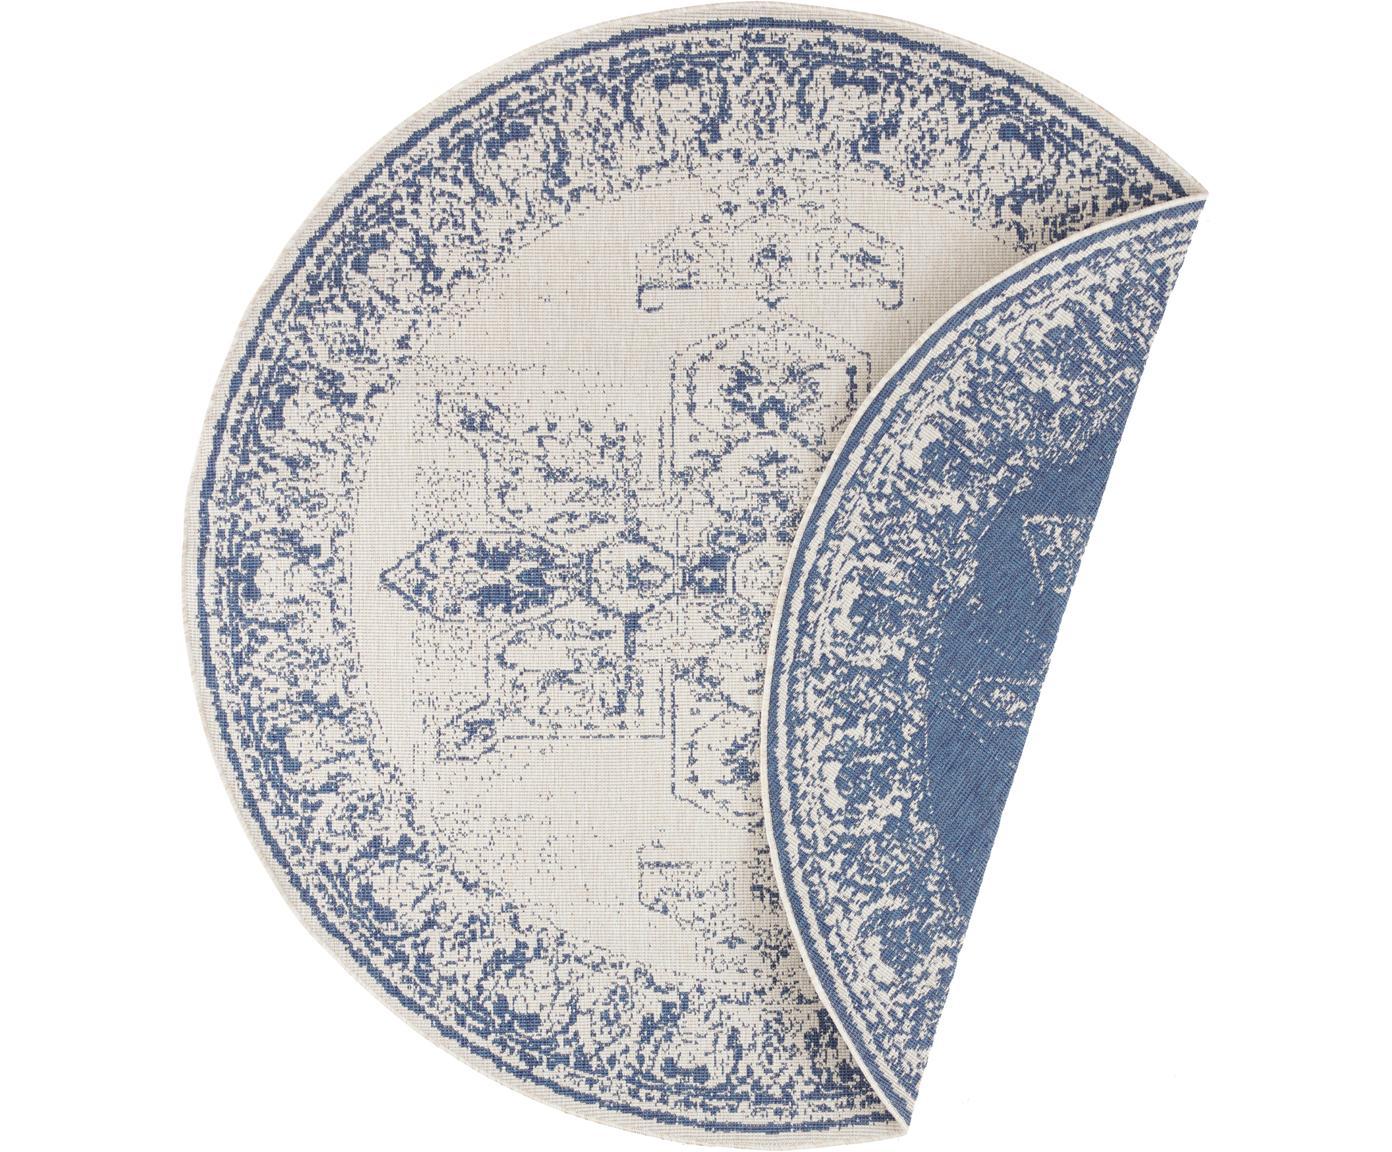 Runder Vintage In- & Outdoor-Wendeteppich Borbon, Blau/Creme, Blau, Cremefarben, Ø 200 cm (Größe L)